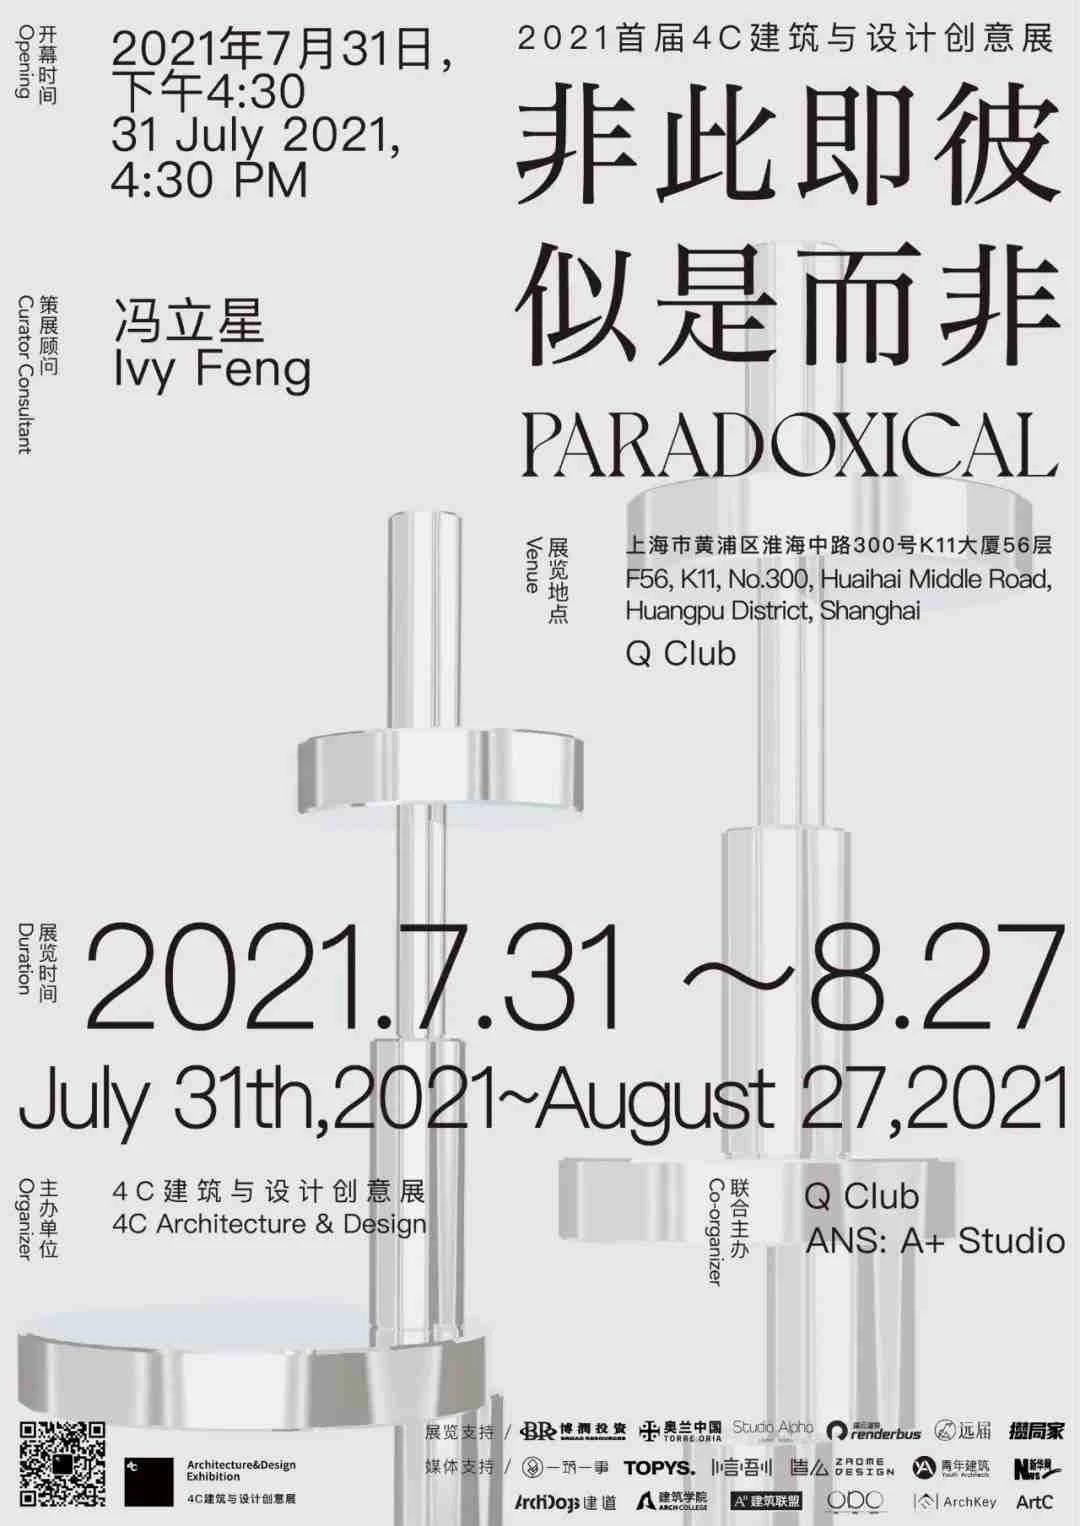 2021年首届4C建筑与设计创意展 - 瑞云渲染